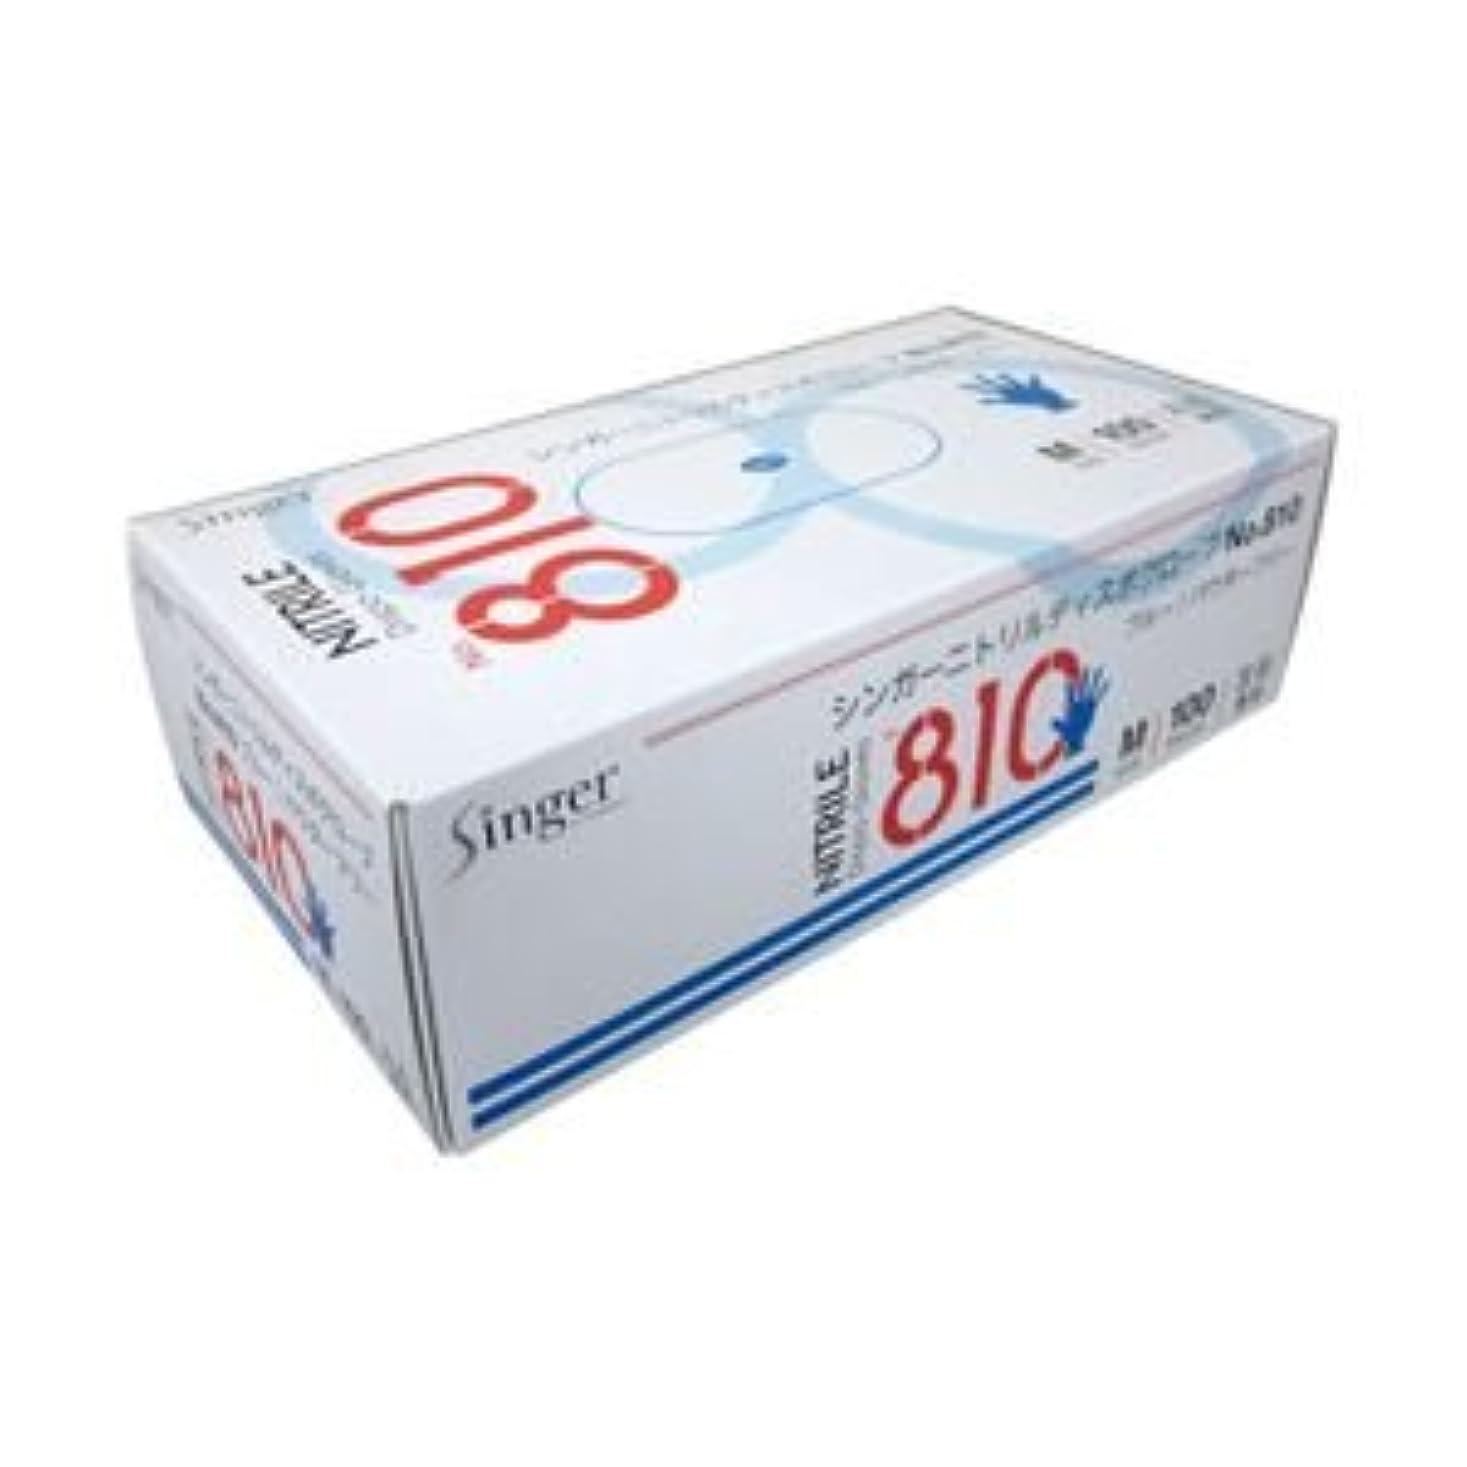 プロペラサイクロプス犬(業務用セット) ニトリル手袋 粉なし ブルー M 1箱(100枚) 【×5セット】